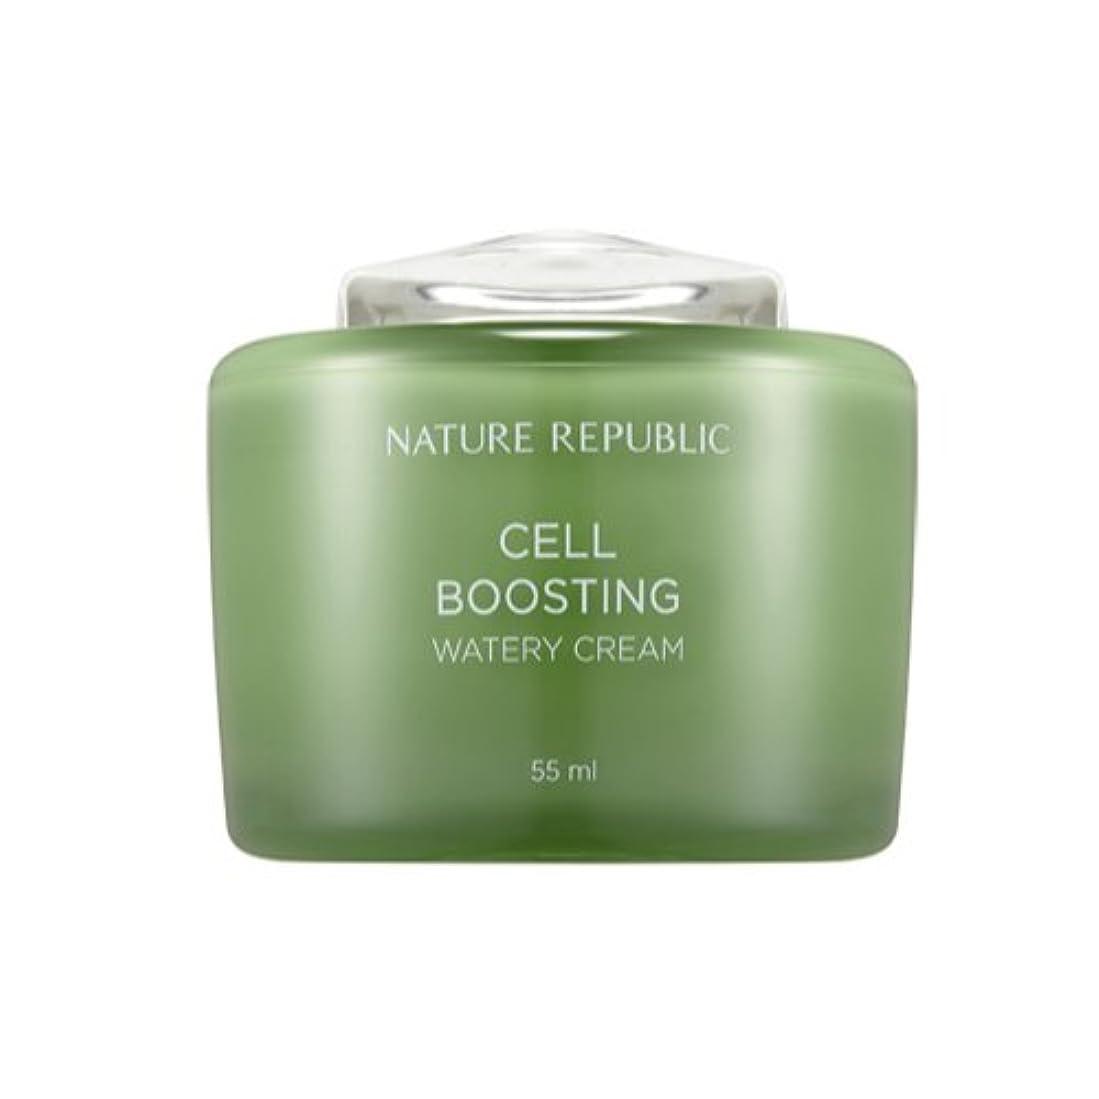 ウサギ商人一定[ネイチャーリパブリック] Nature republicセルブースティングウォーターリークリーム海外直送品(Cell Boosting Watery Cream) [並行輸入品]